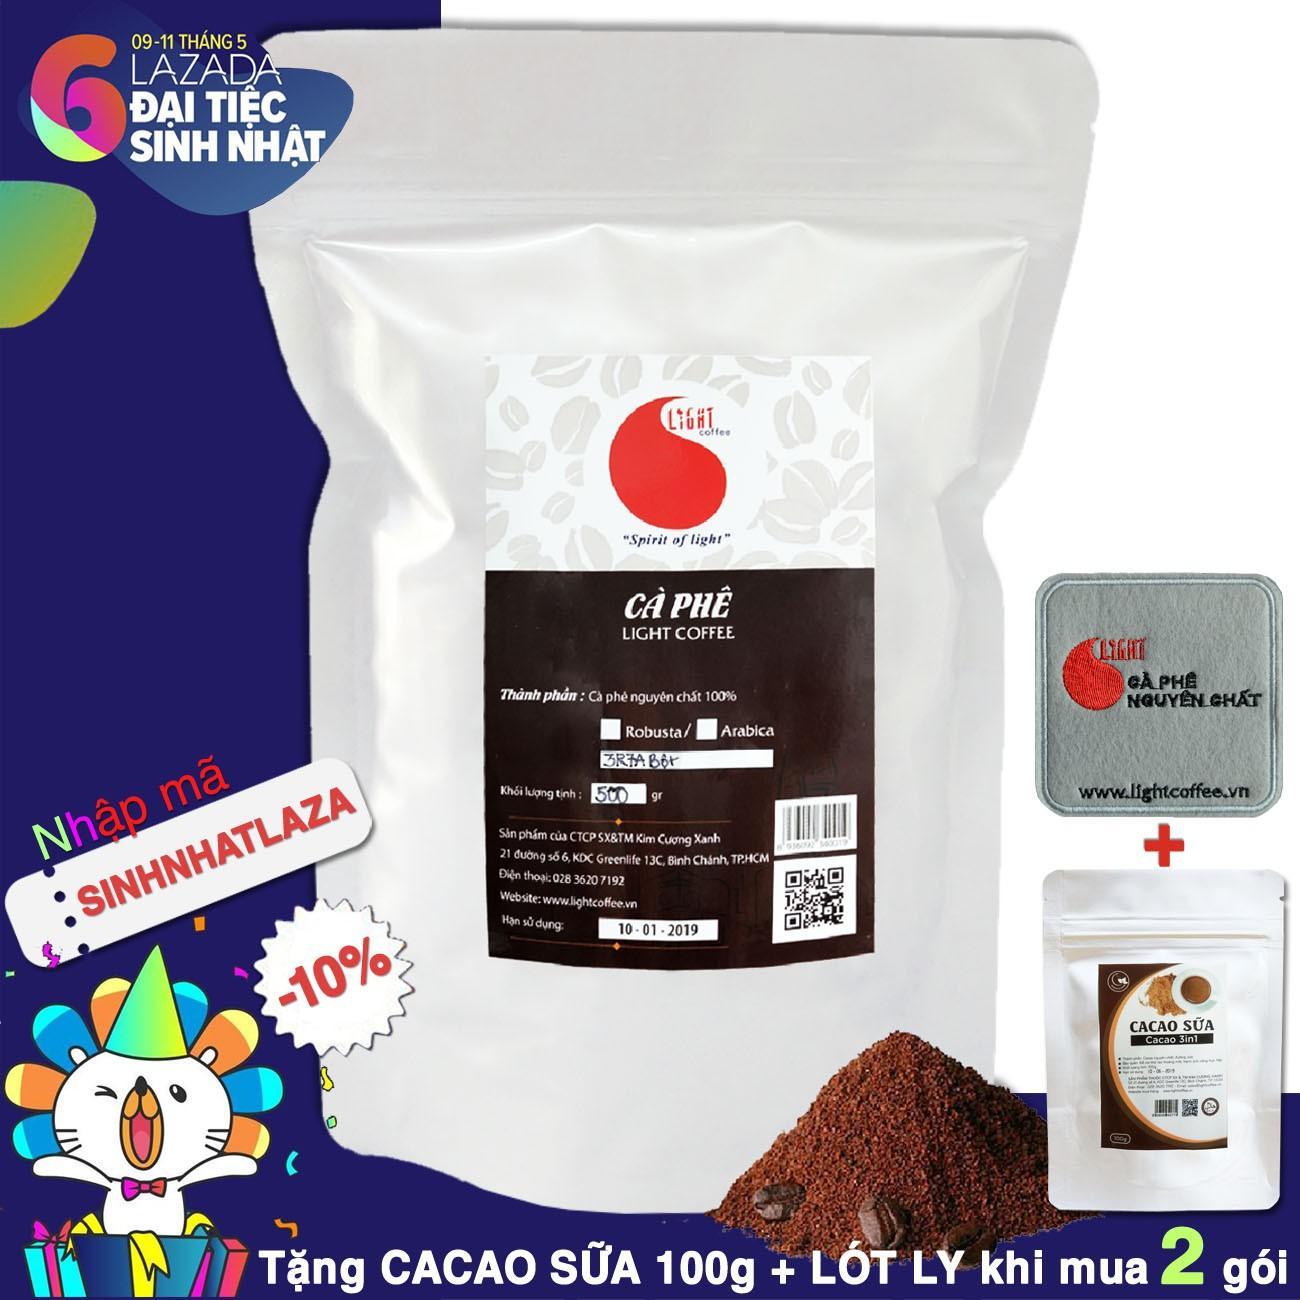 Chiết Khấu Ca Phe Bột Nguyen Chất 100 Chua Thanh Dịu Dang Light Coffee 500Gr Hồ Chí Minh